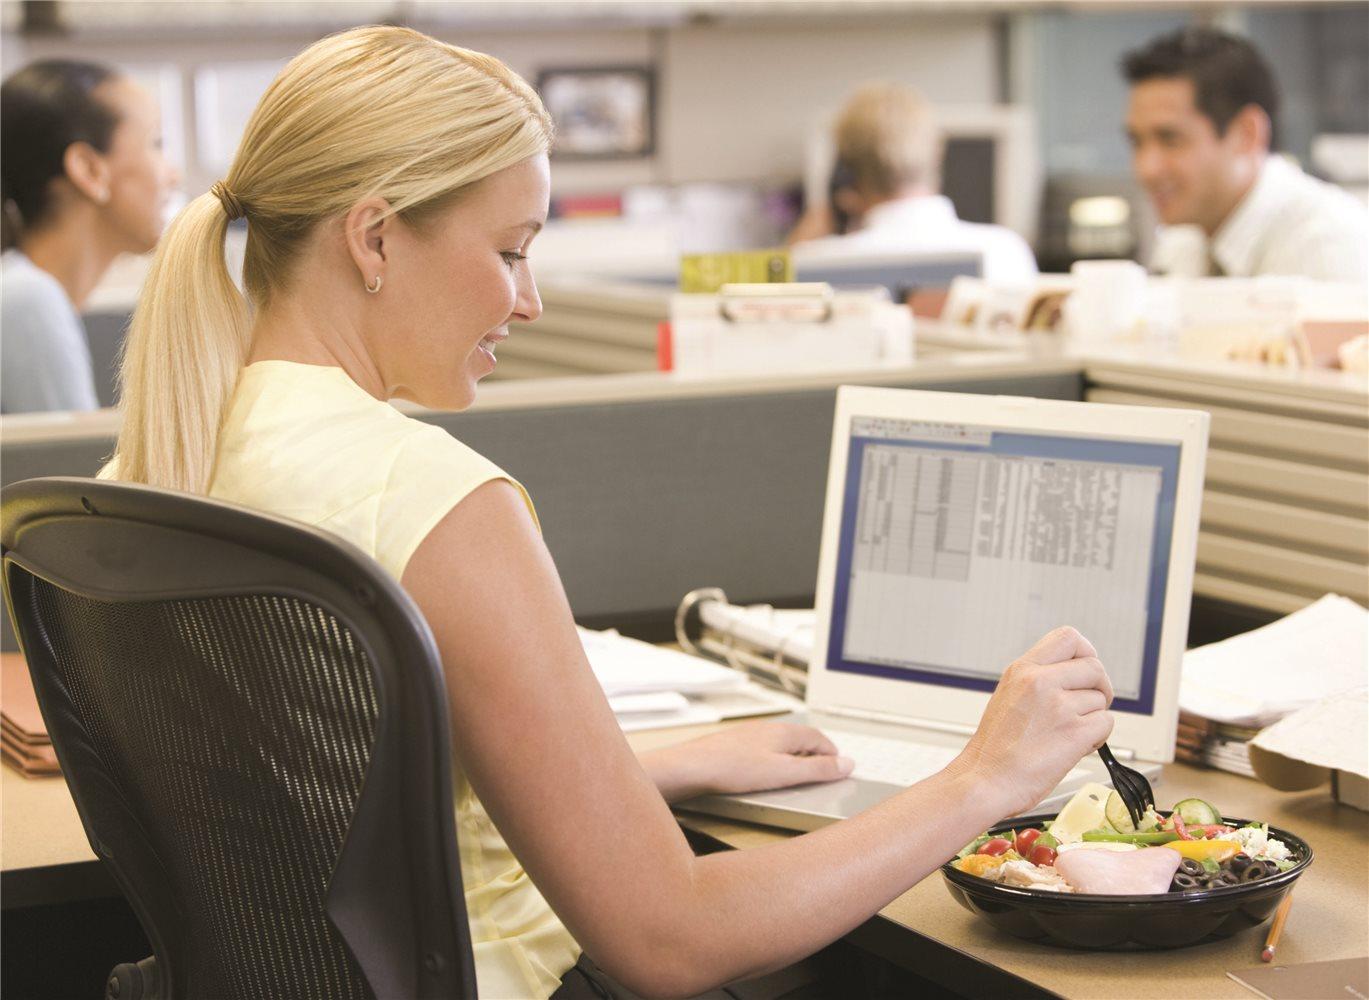 Ofis çalışanlarına 6 beslenme önerisi